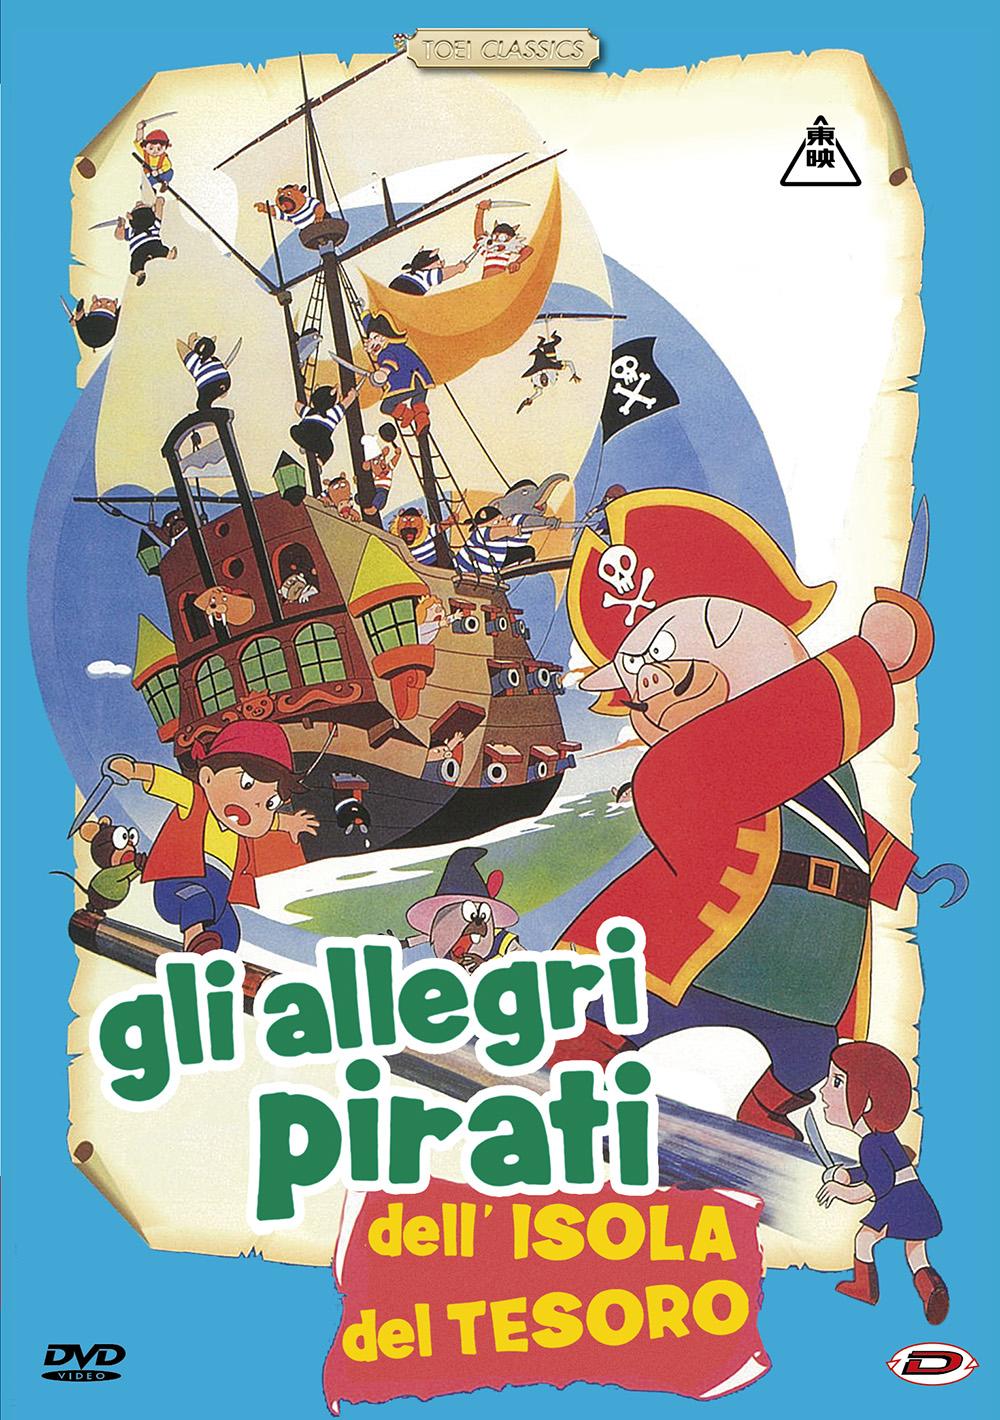 GLI ALLEGRI PIRATI DELL'ISOLA DEL TESORO (DVD)